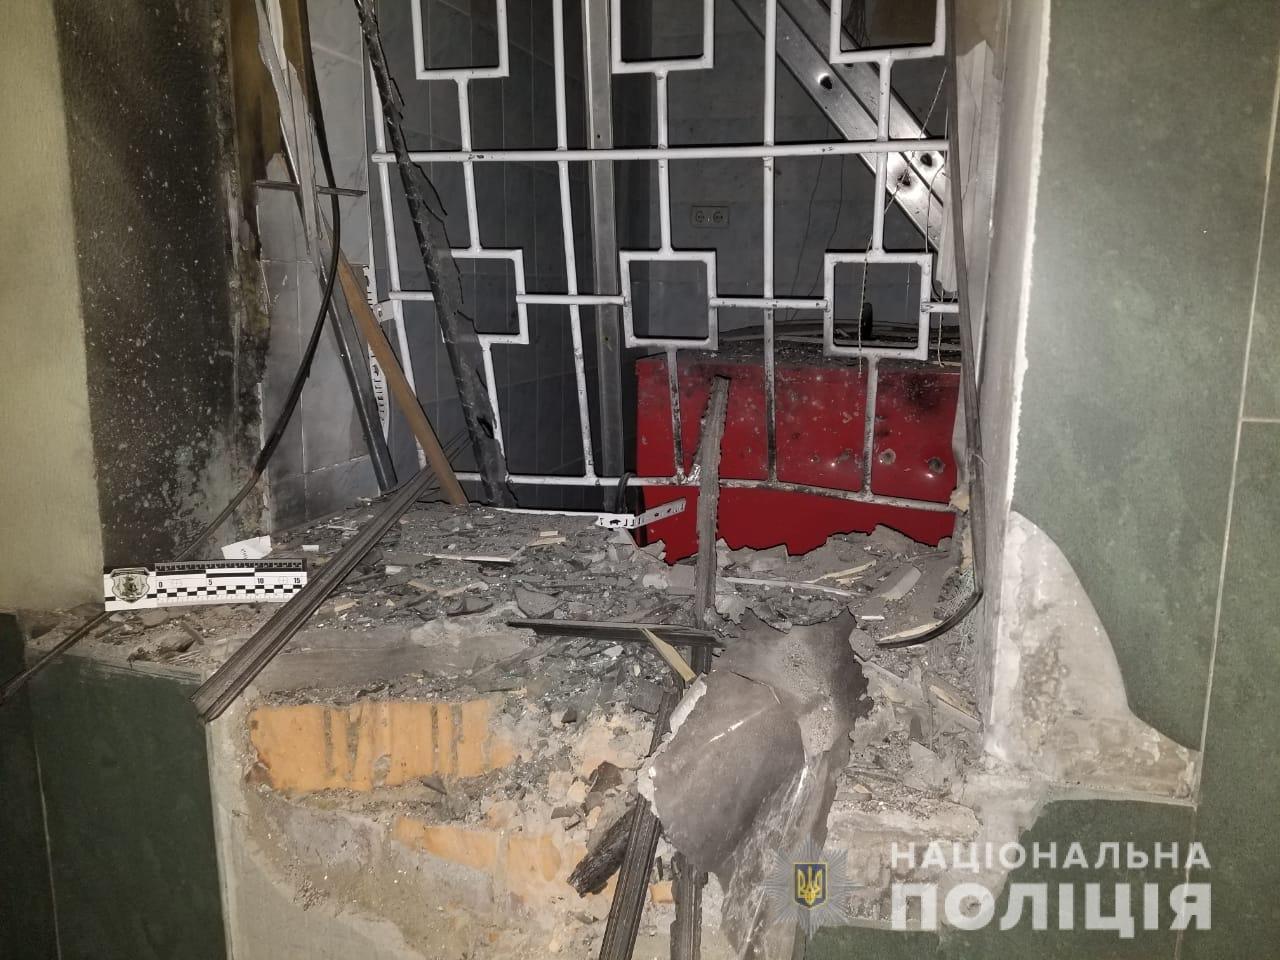 Взрыв в Одессе сегодня ночью: появились фото с места происшествия, фото-1, Фото: Нацполиция